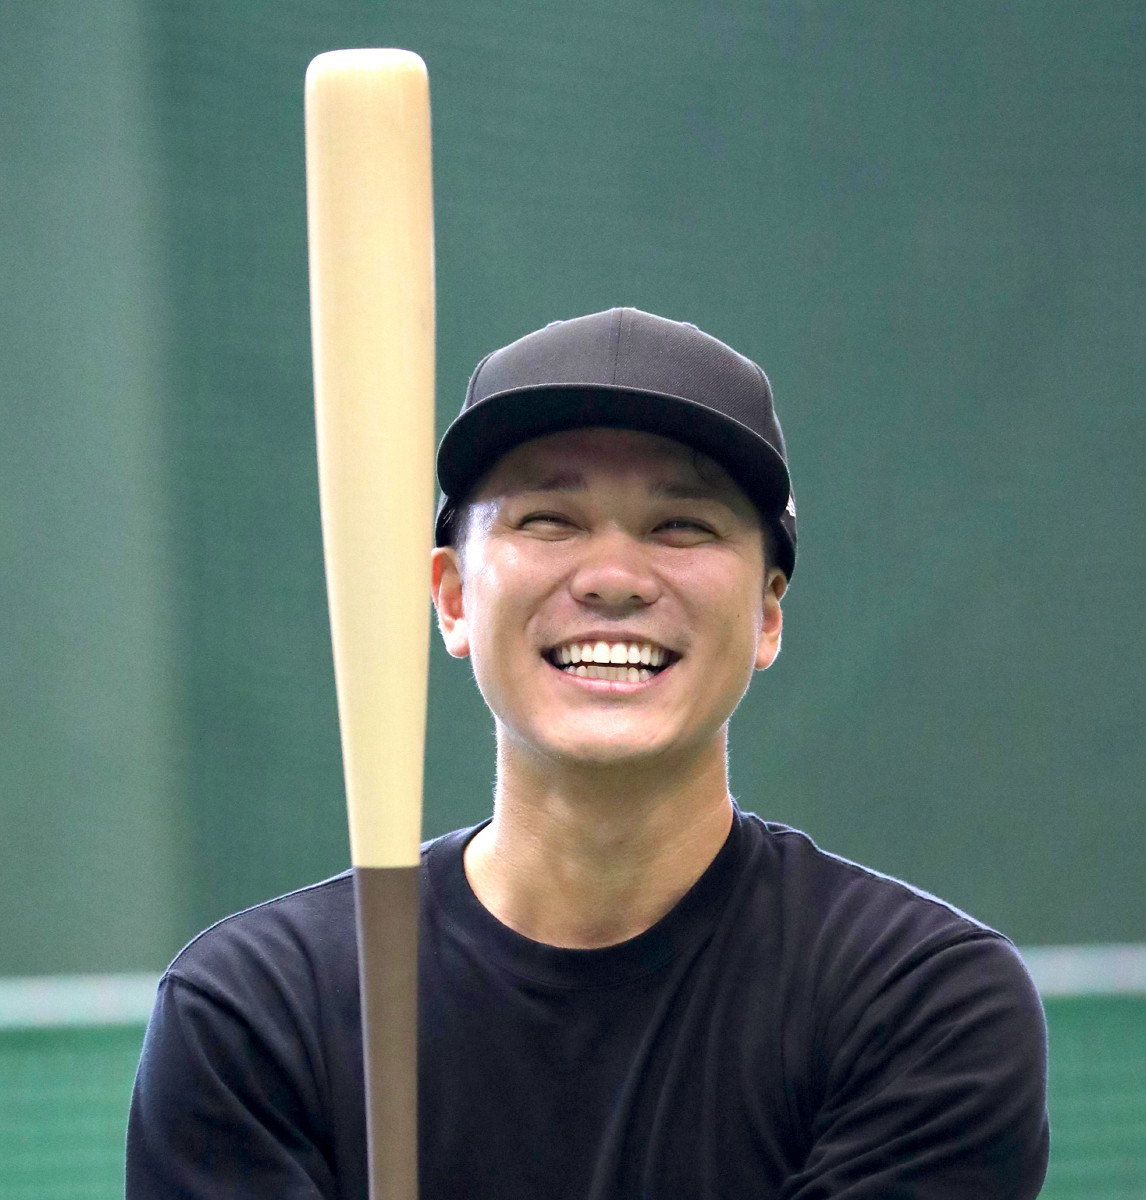 #坂本勇人  外野ノックに挑戦も「今日の練習で外野手は断念します。諦めます(笑い)」  #巨人 #ジャイアンツ #giants